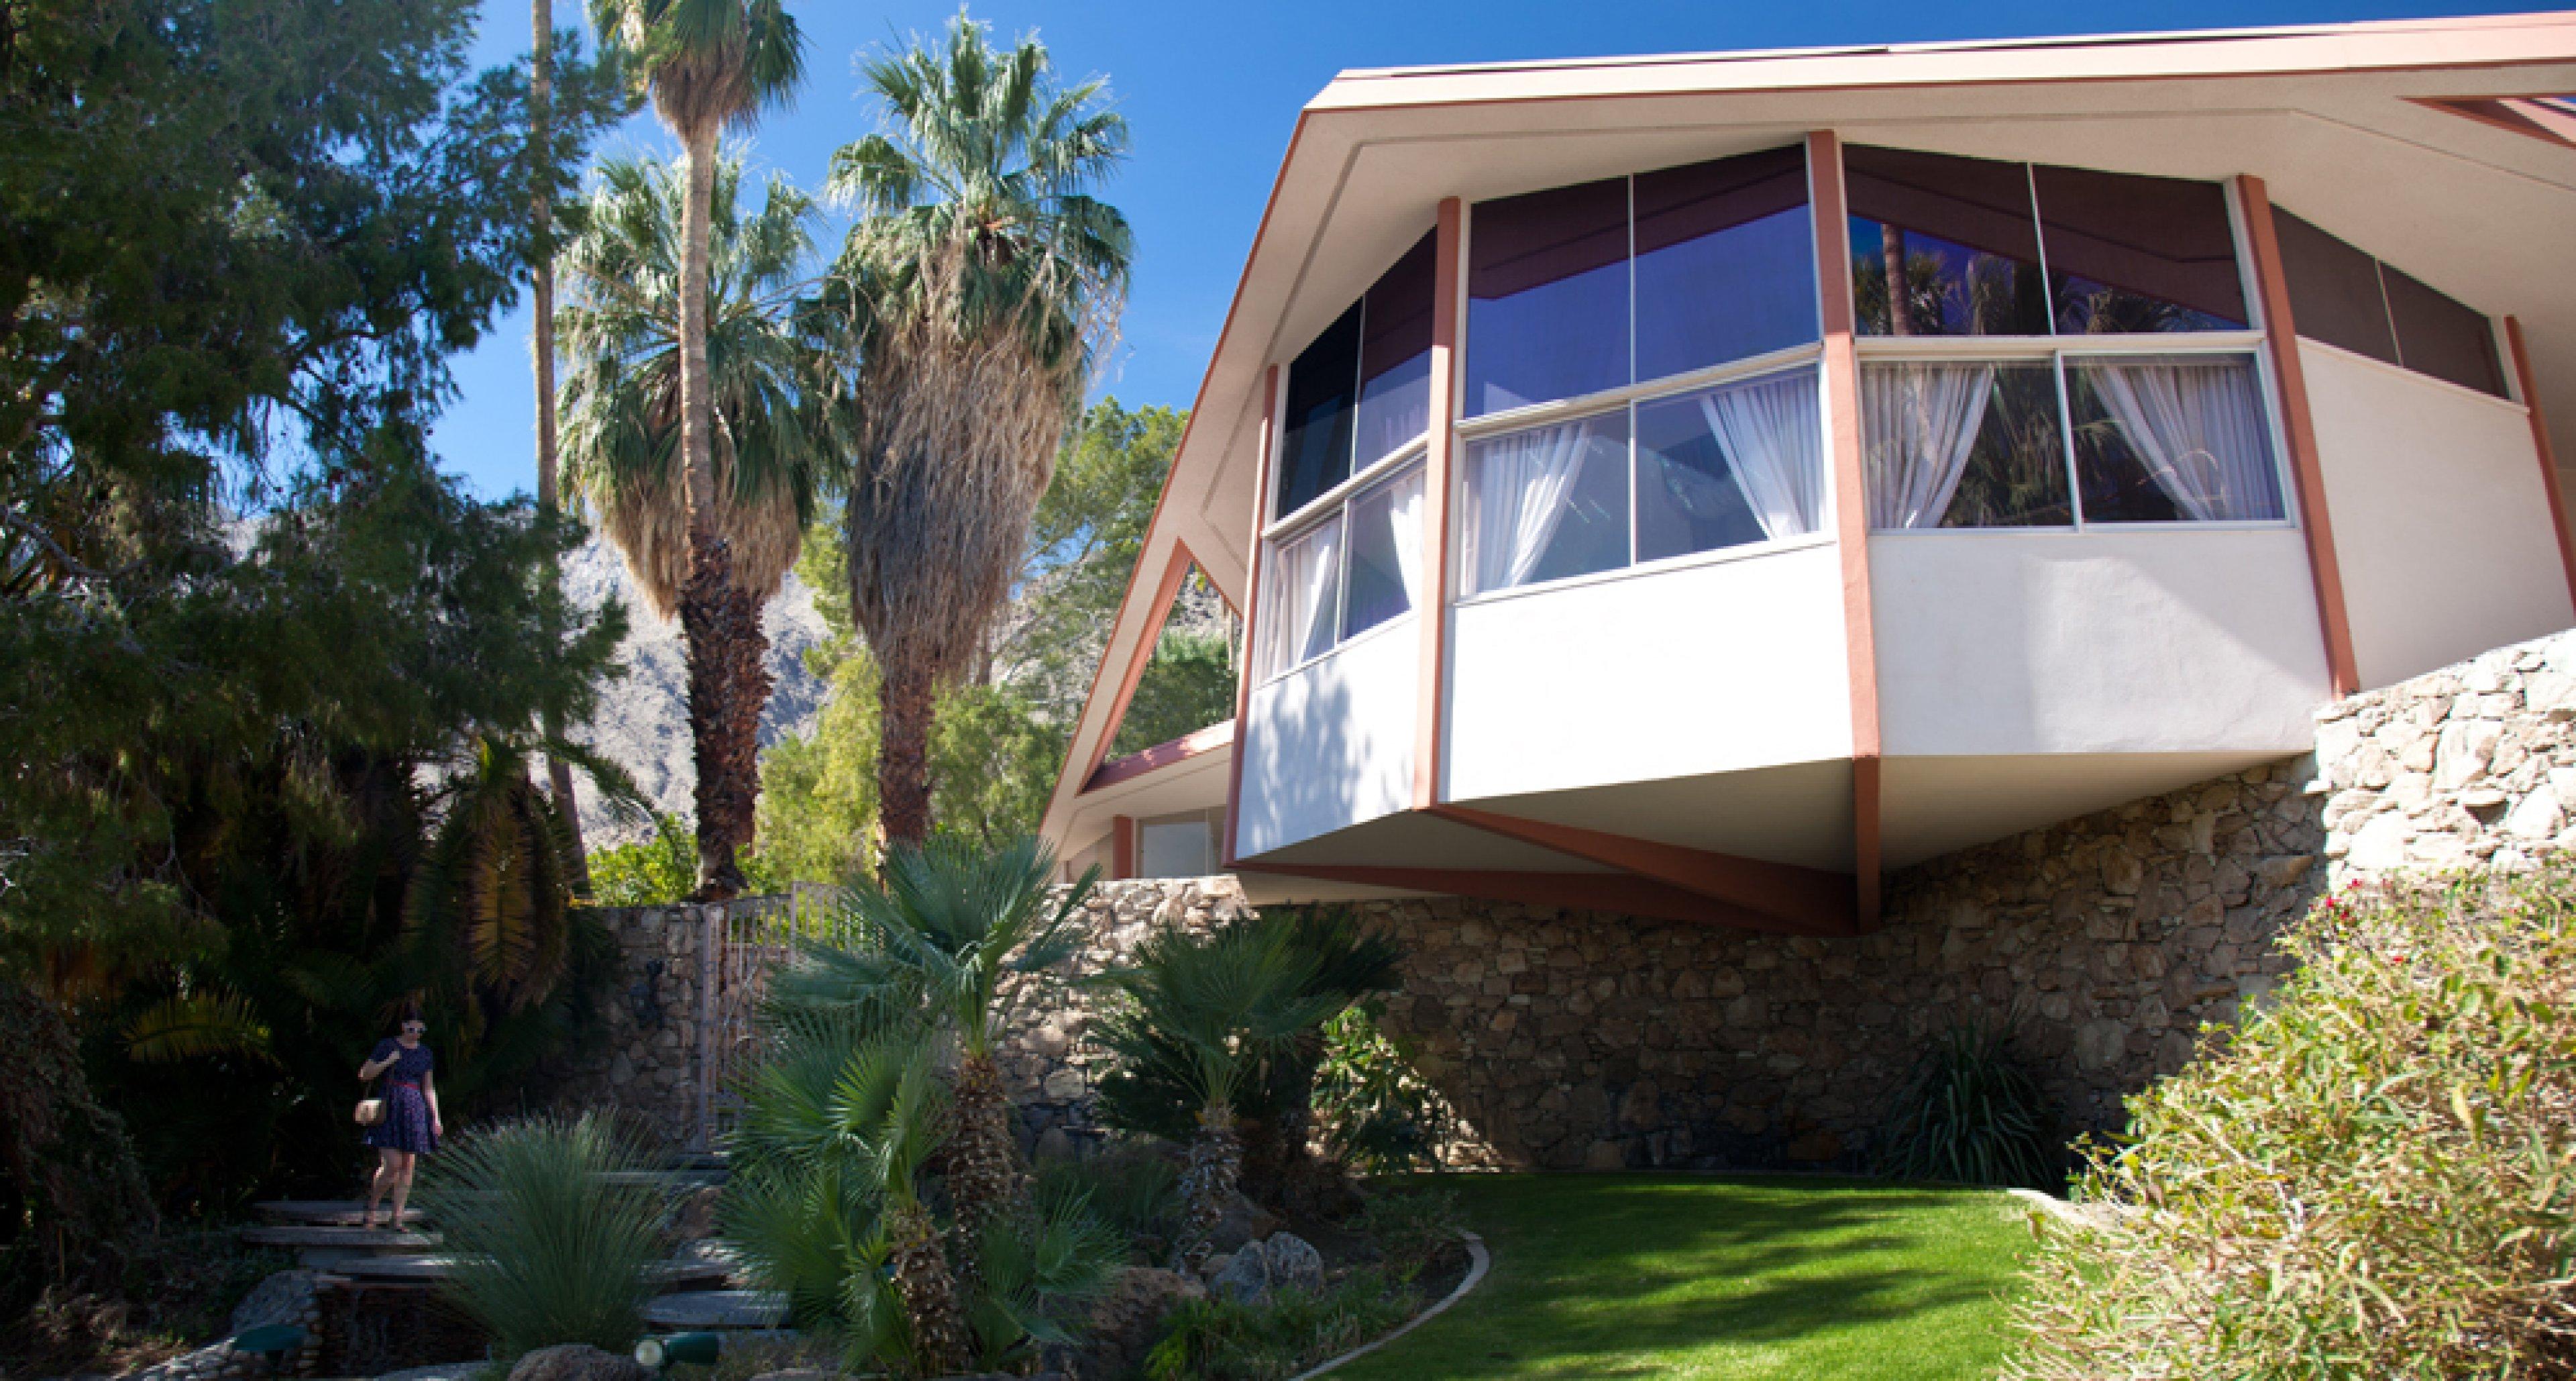 Elvis Honeymoon Hideaway: The Robert Alexander Estate (1960).